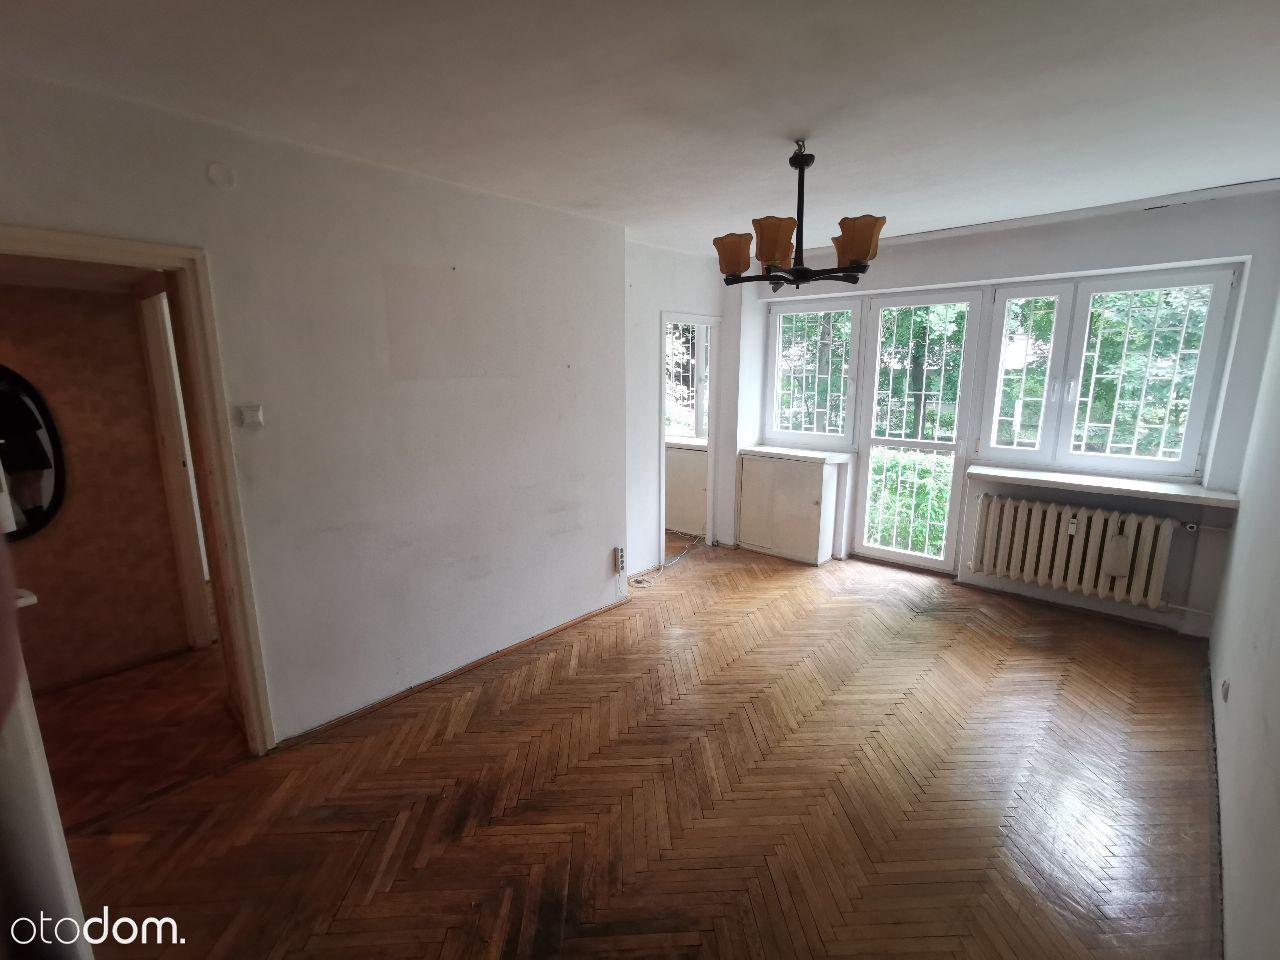 Mieszkanie 37m2 2 pokoje ogródek, Sady Żoliborskie